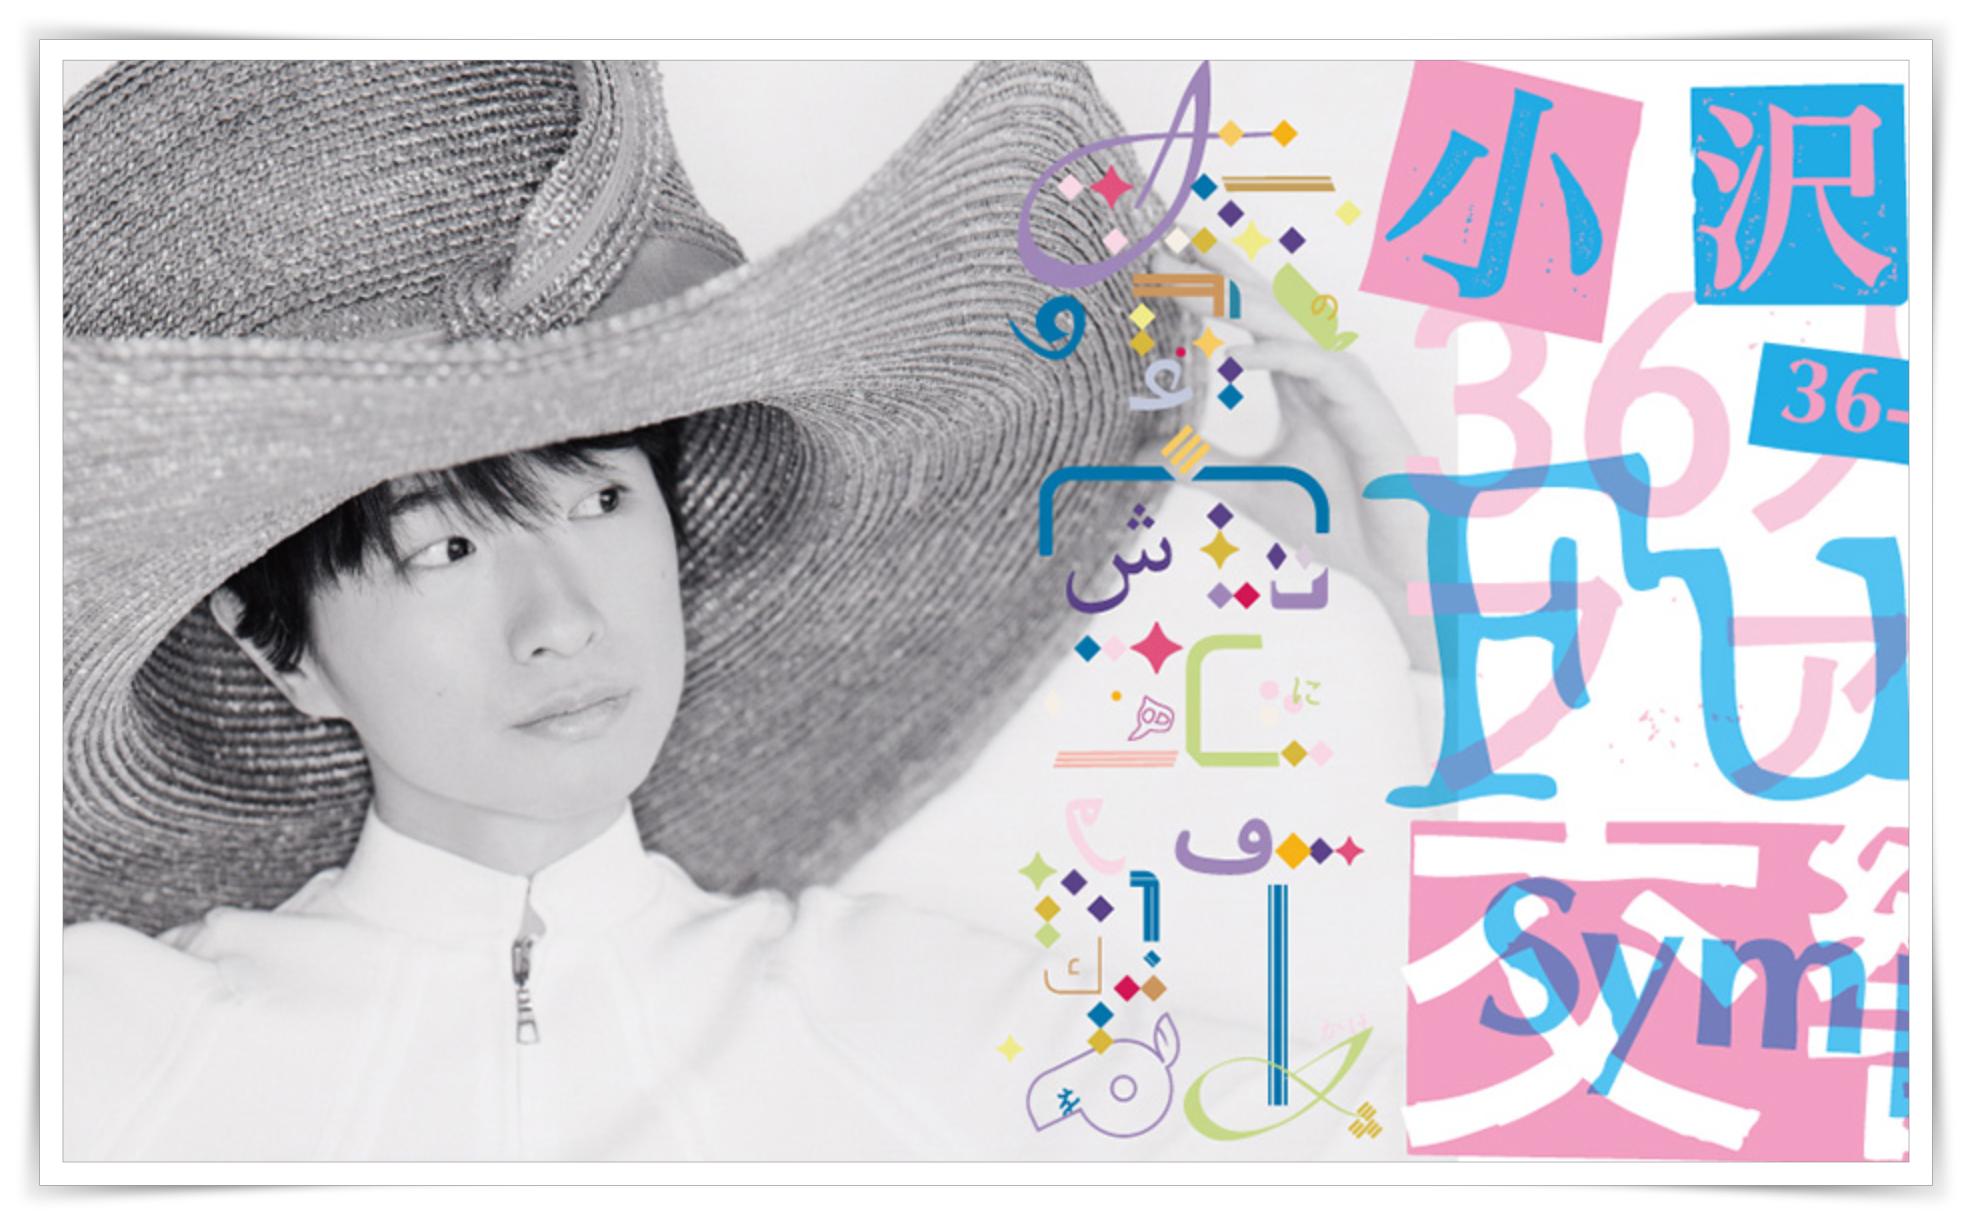 小沢健二【春の空気に虹をかけ】東京国際フォーラムのセトリ大公開